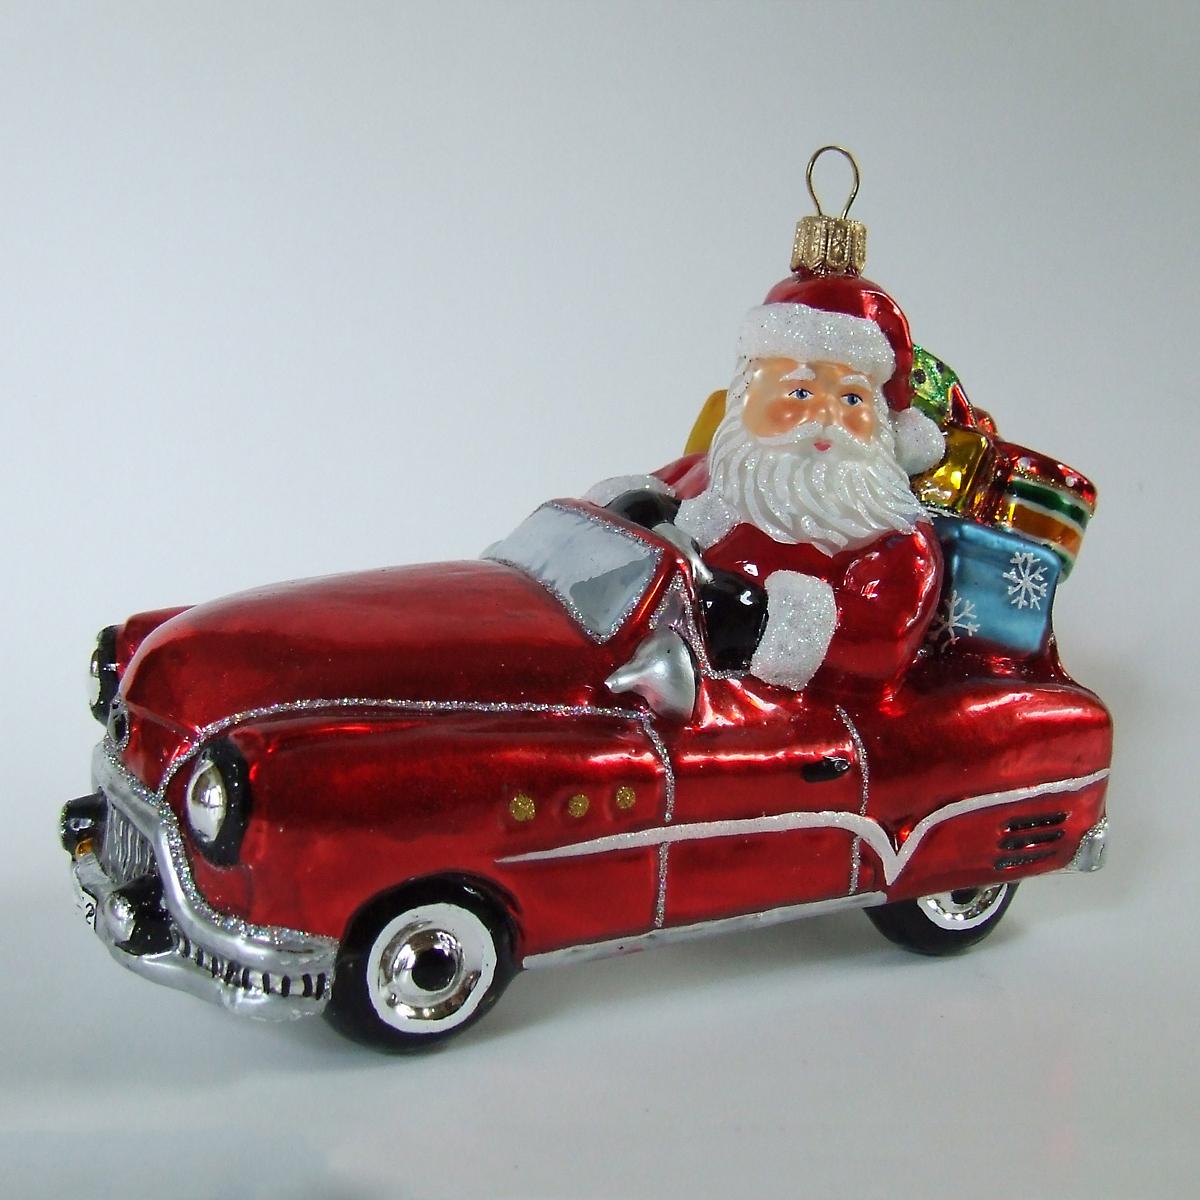 Santa slot car ornament